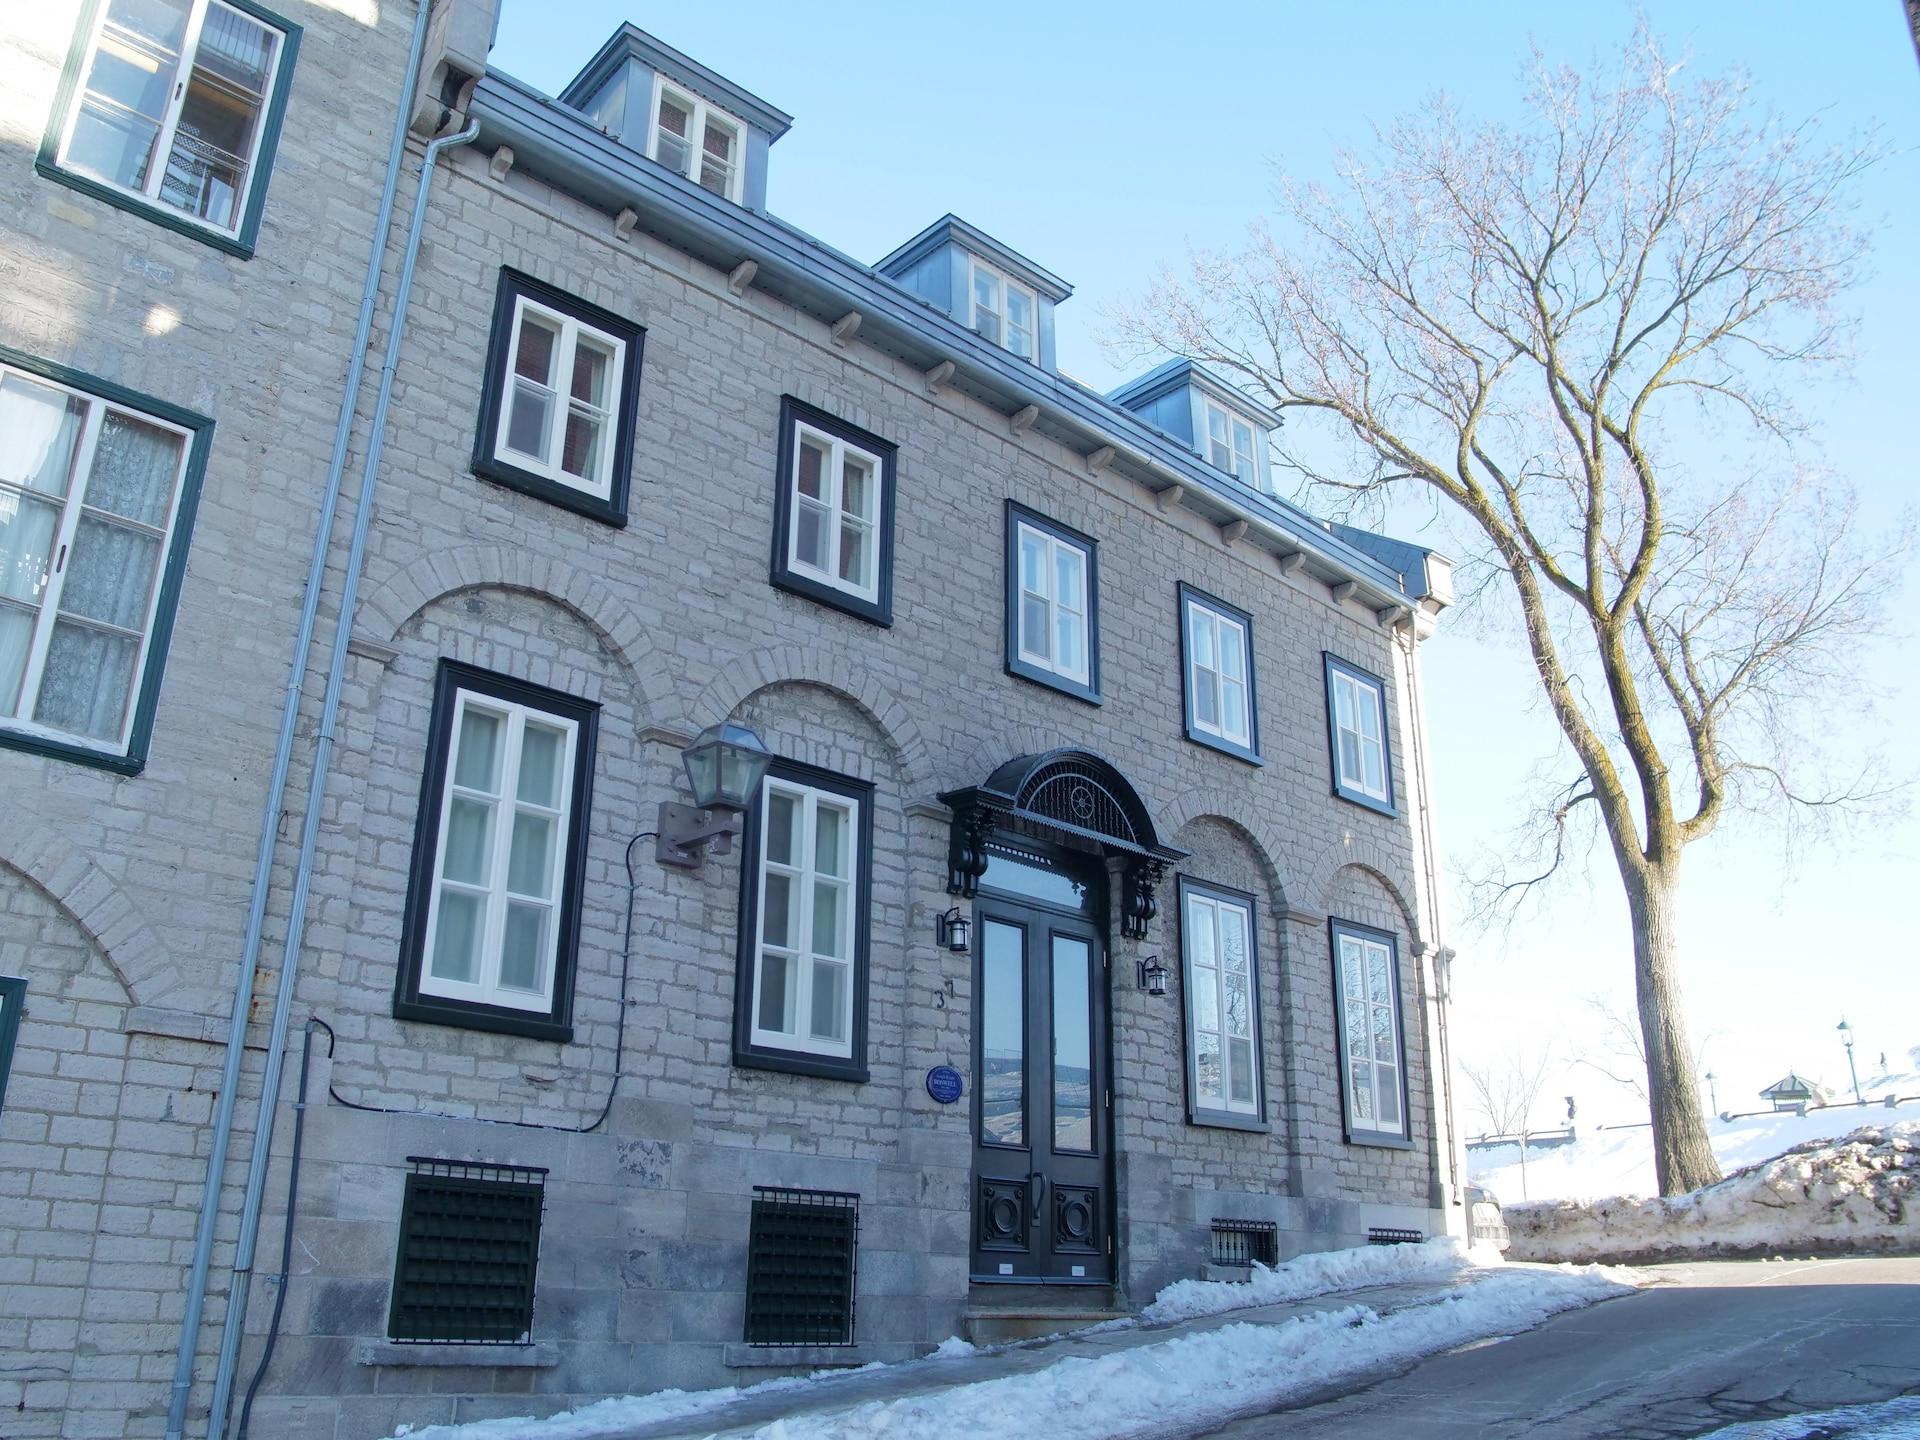 La maison Boswell, à l'angle de la rue Saint-Denis, près de la Citadelle. La belle façade de pierre de la demeure, le toit et ses lucarnes et les détails ouvragés de la porte sont remarquables.